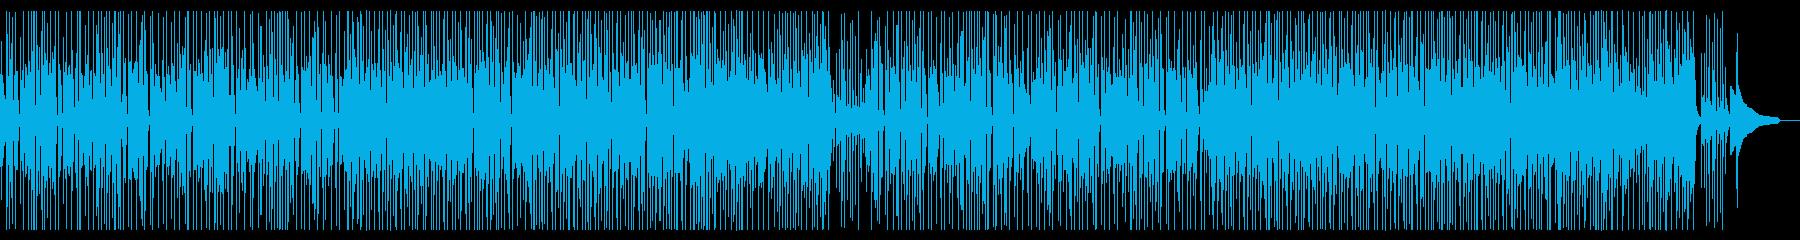 Nori Tamagoの再生済みの波形